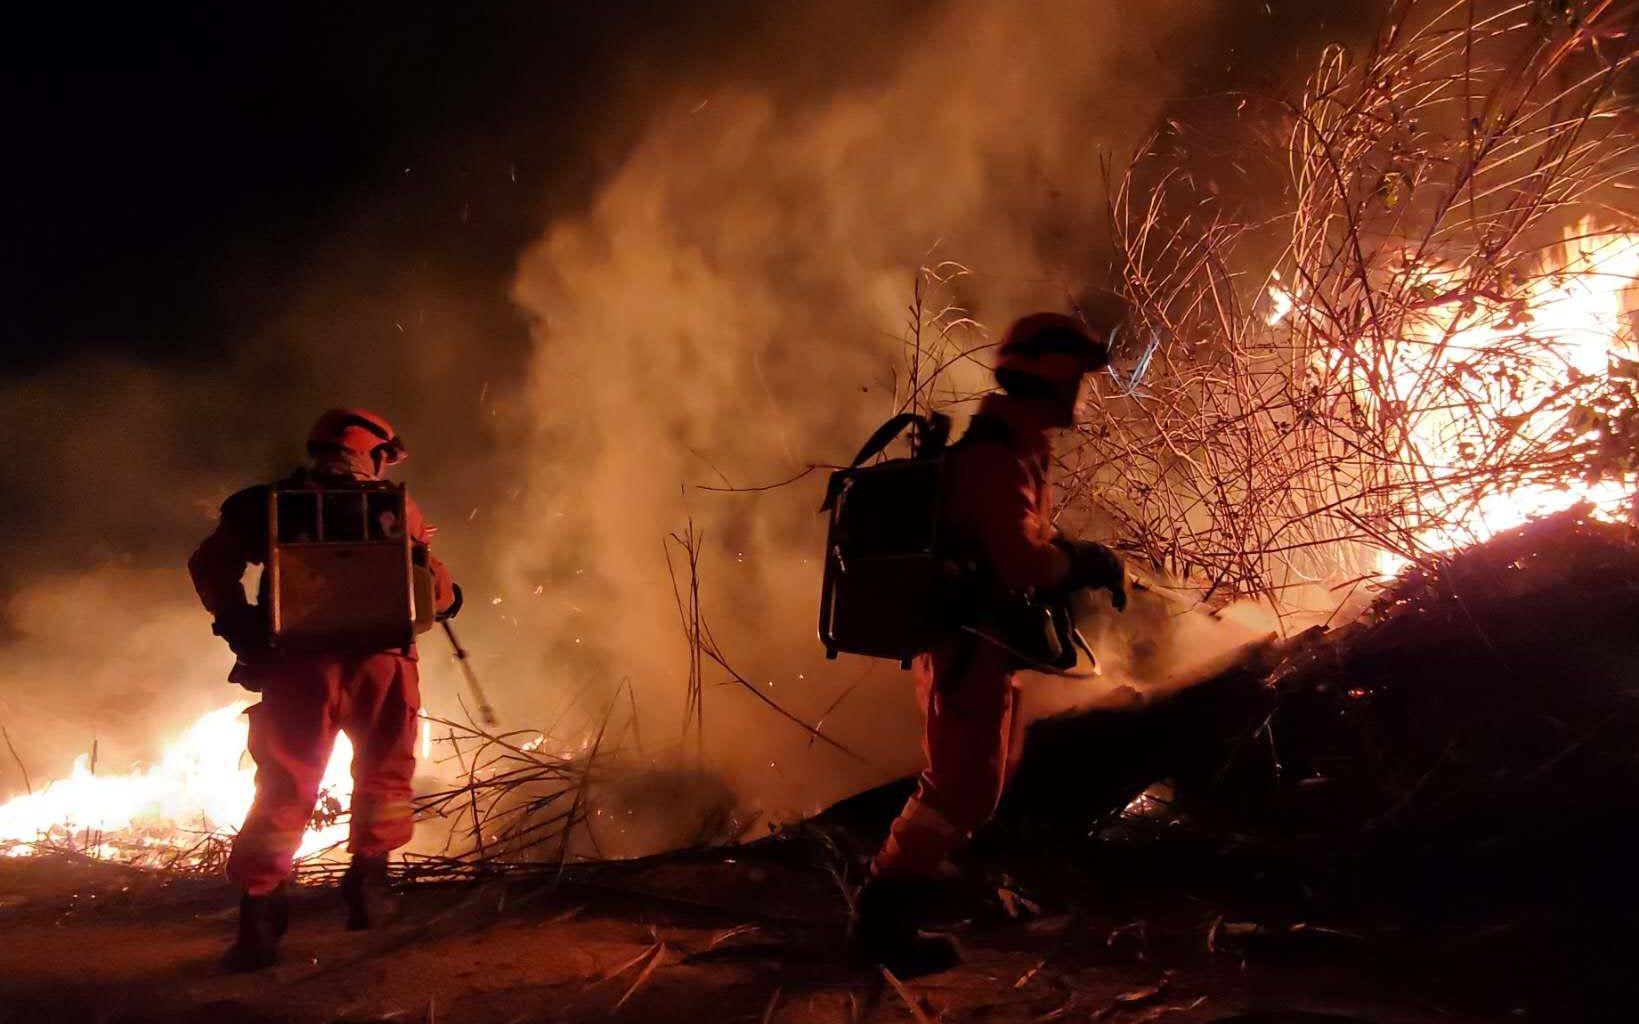 消防员正在林场灭火。应急管理部森林消防局供图